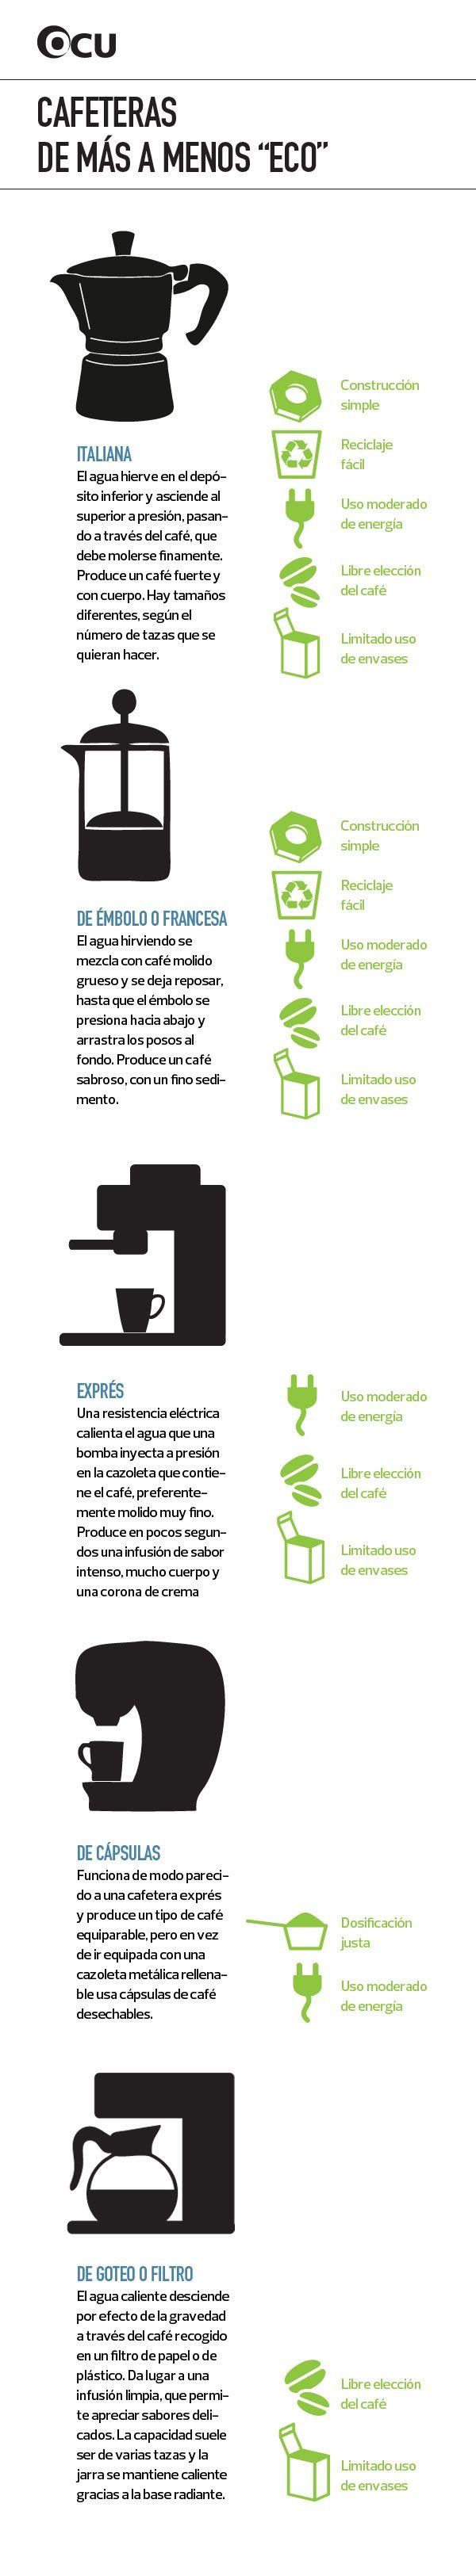 Café a la italiana, con cápsulas, exprés, émbolo... ¿Cuál es más ecológico? Reciclaje, energía y envases son sometidos a nuestra lupa ética.